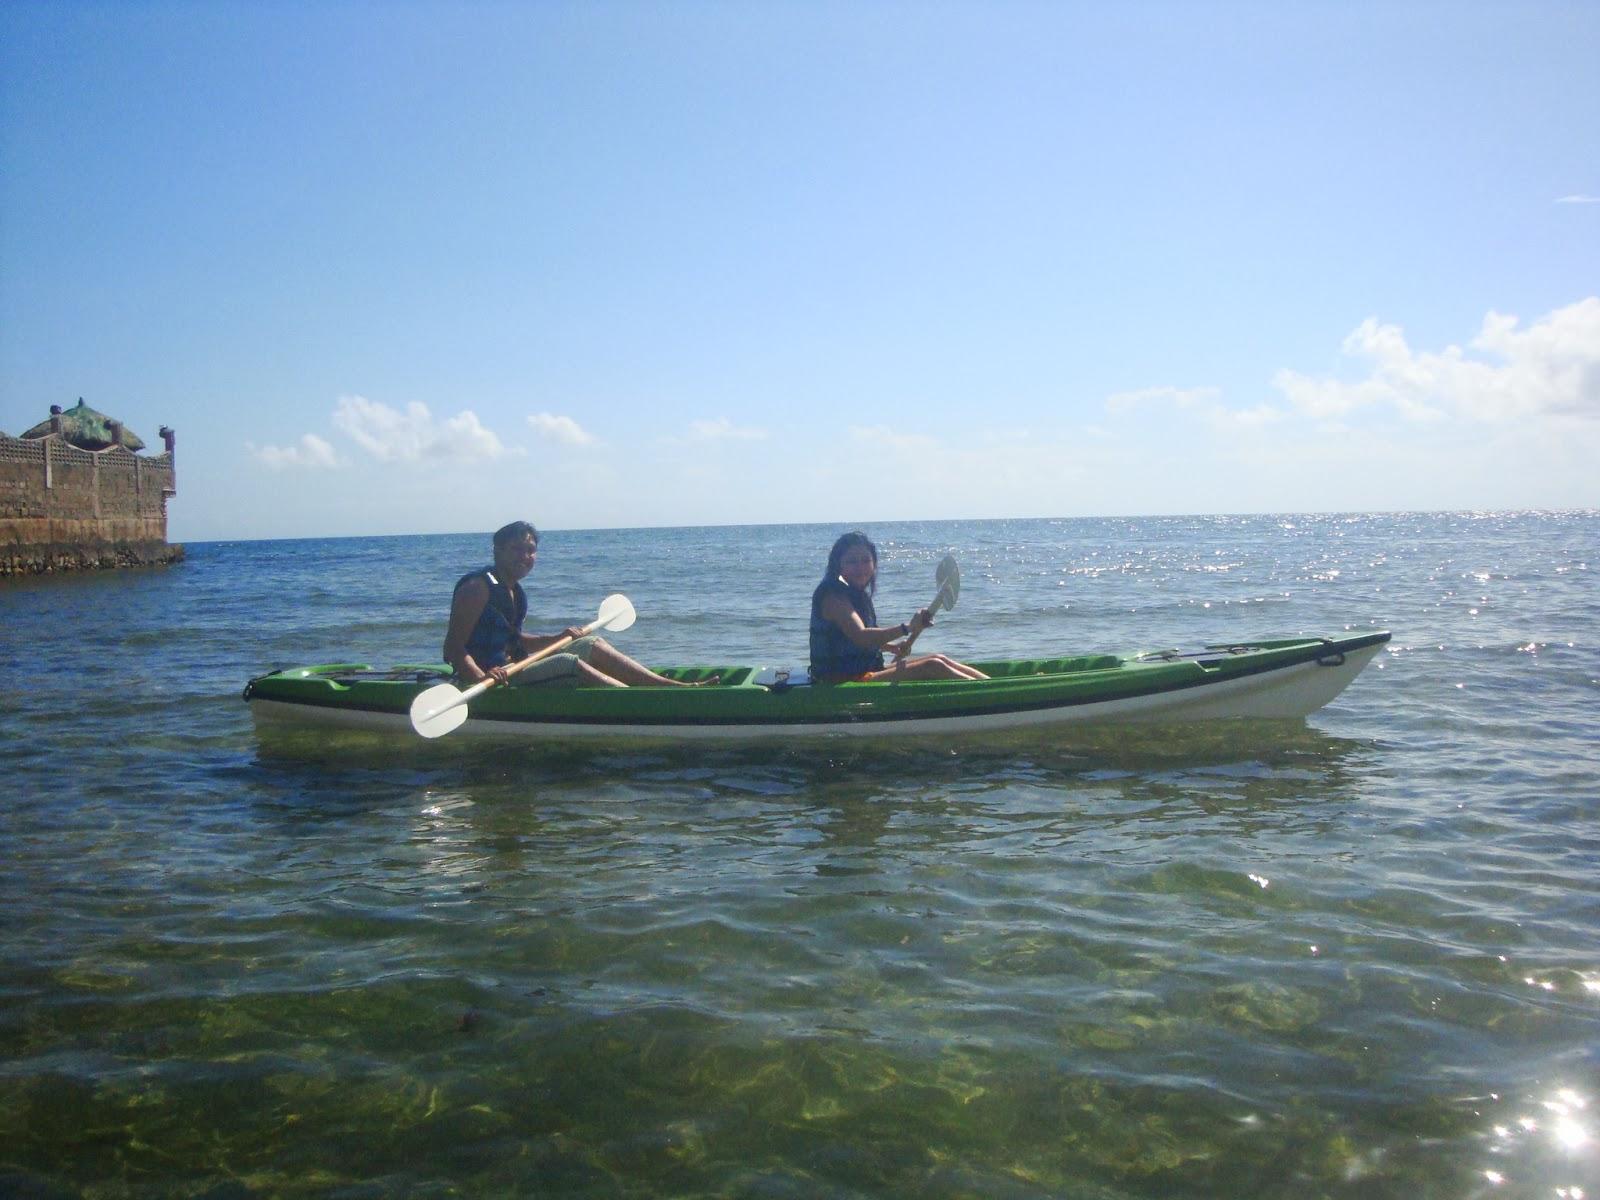 El Salvador Beach Resort kayak